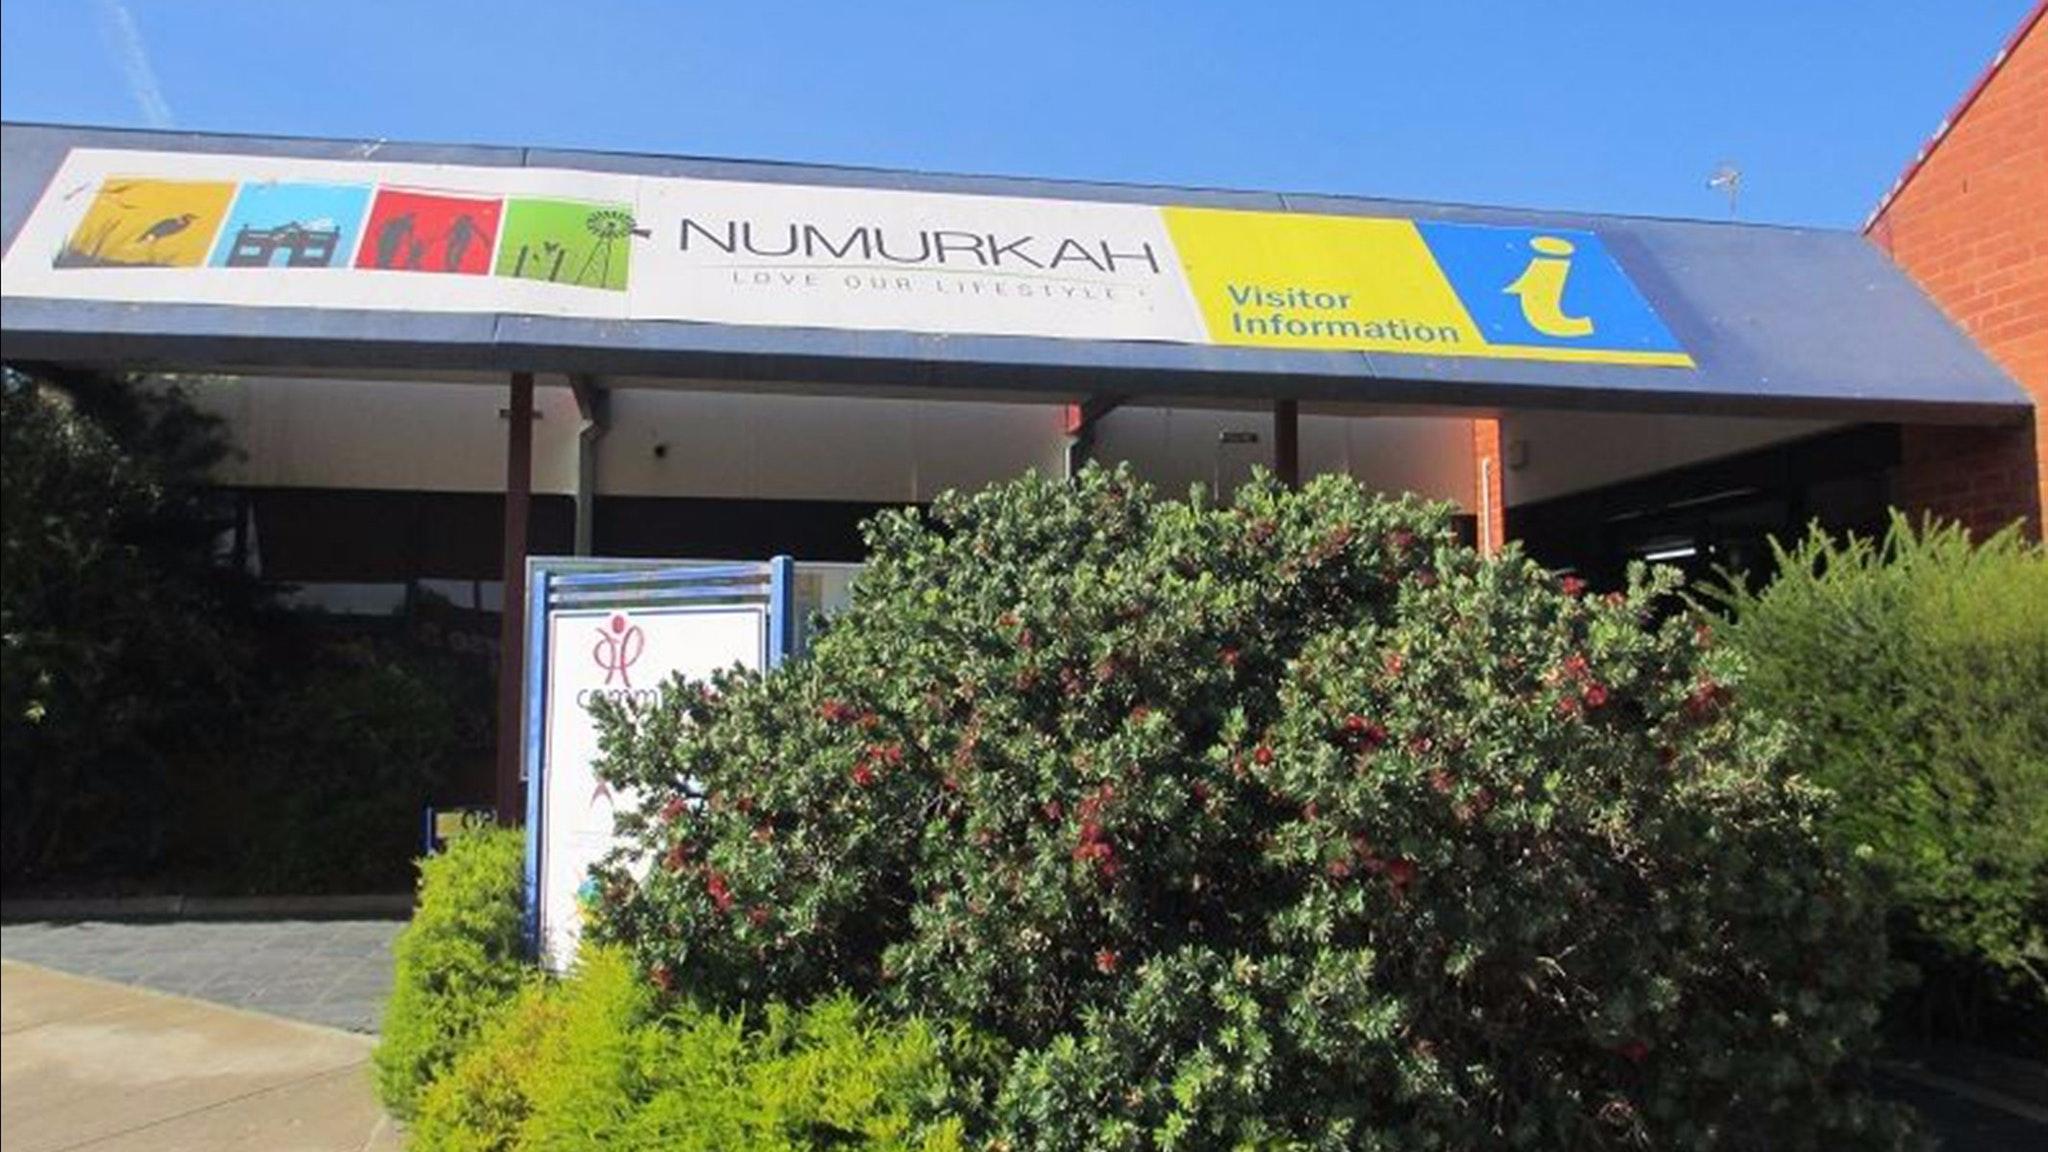 Numurkah Visitor Information Centre